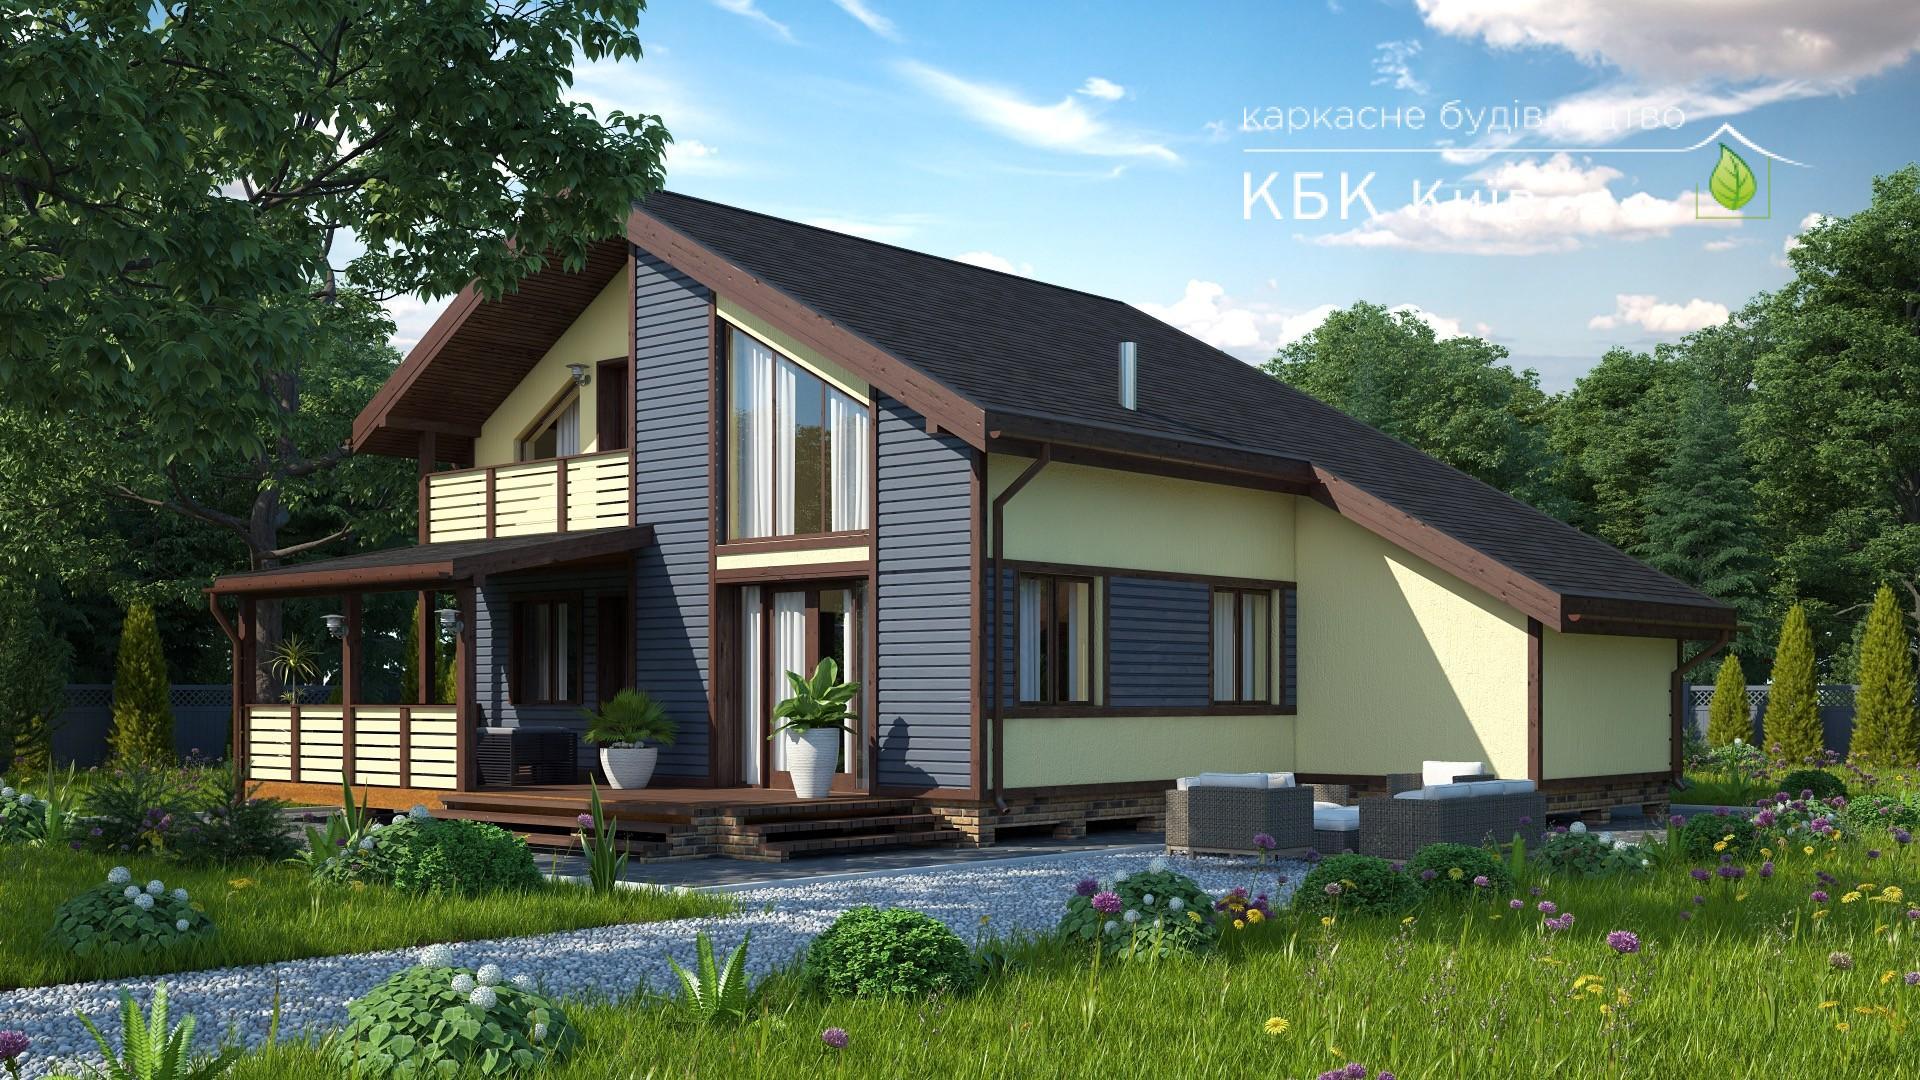 Виберіть проект будинку і дізнайтесь вартість його будівництва під ключ 64ff92f20c63a